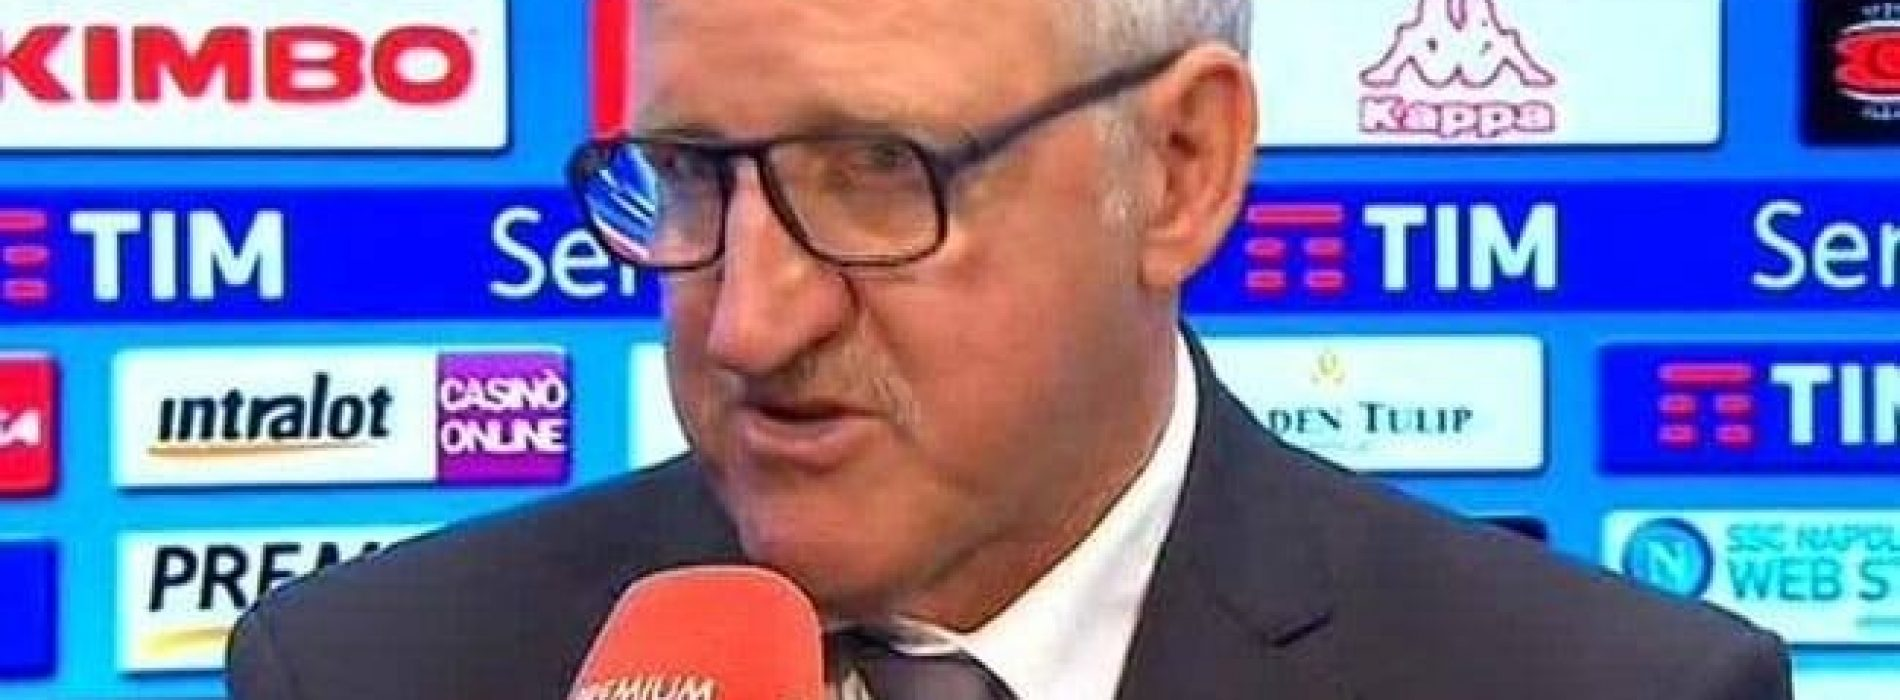 """Delneri: """"Zapata è un profilo da Juve. Gattuso ottimo allenatore. Brescia? Potrei fare il consulente, spero possa andare in porto"""""""